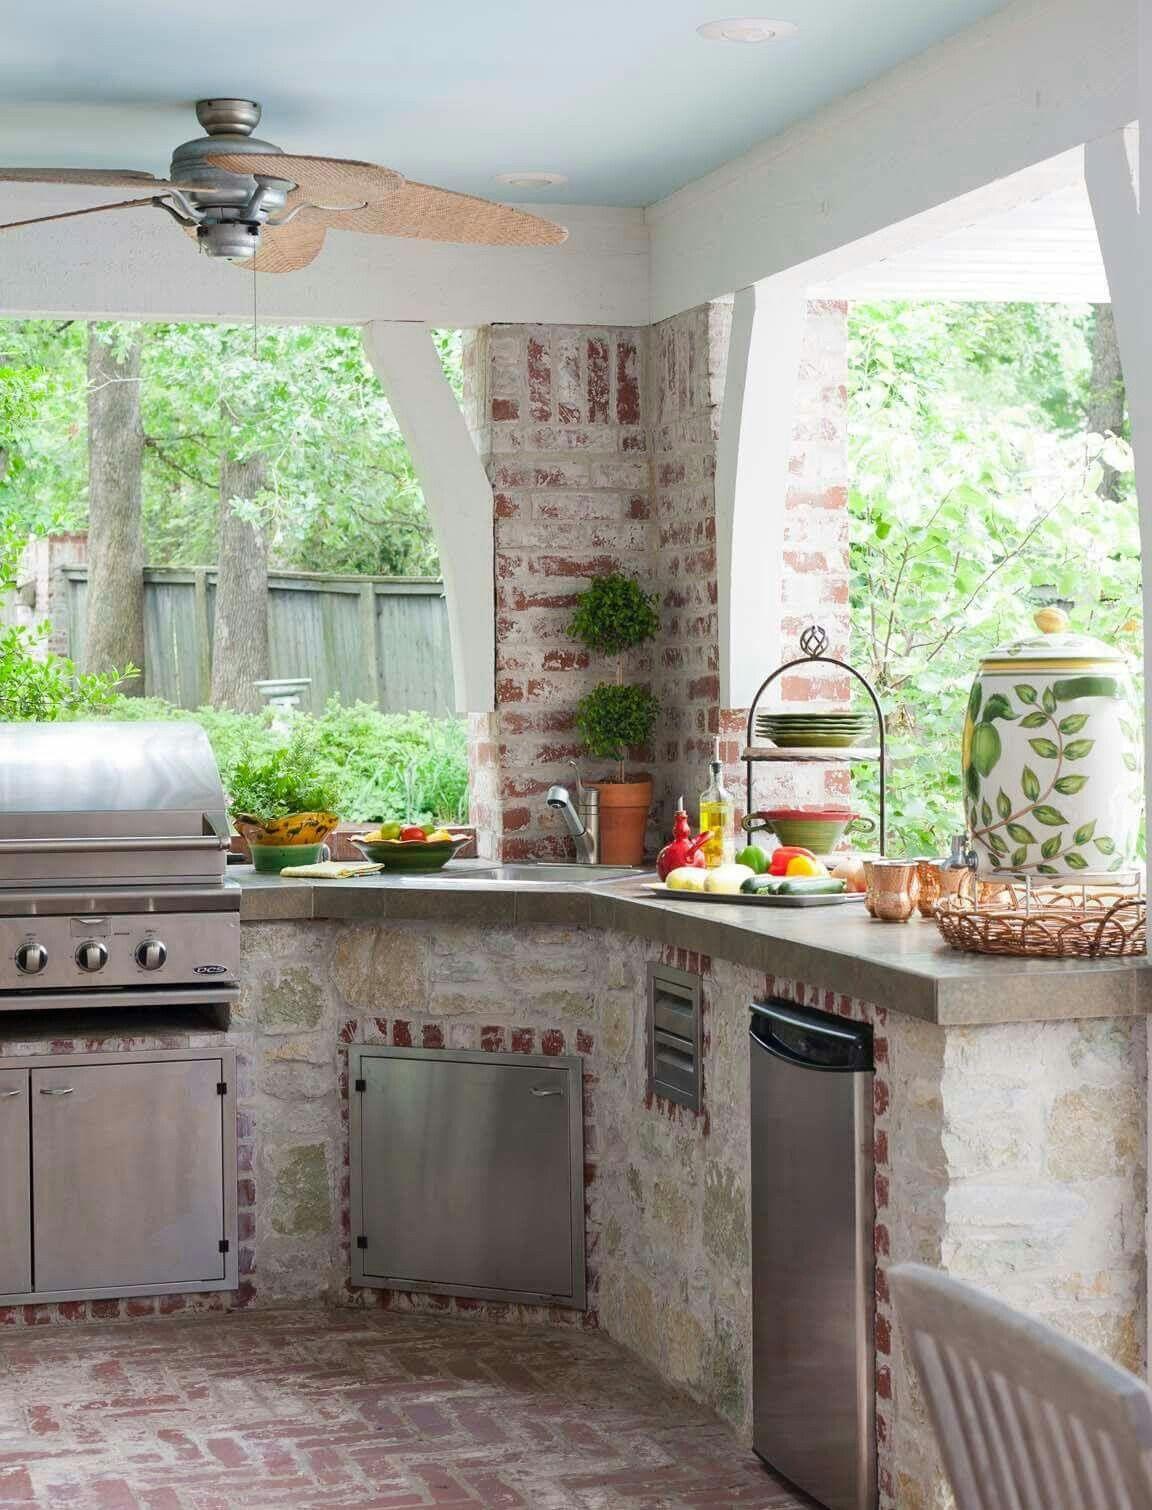 Perfect Outdoor Kitchen Outdoor Kitchen Design Outdoor Kitchen Outdoor Kitchen Countertops